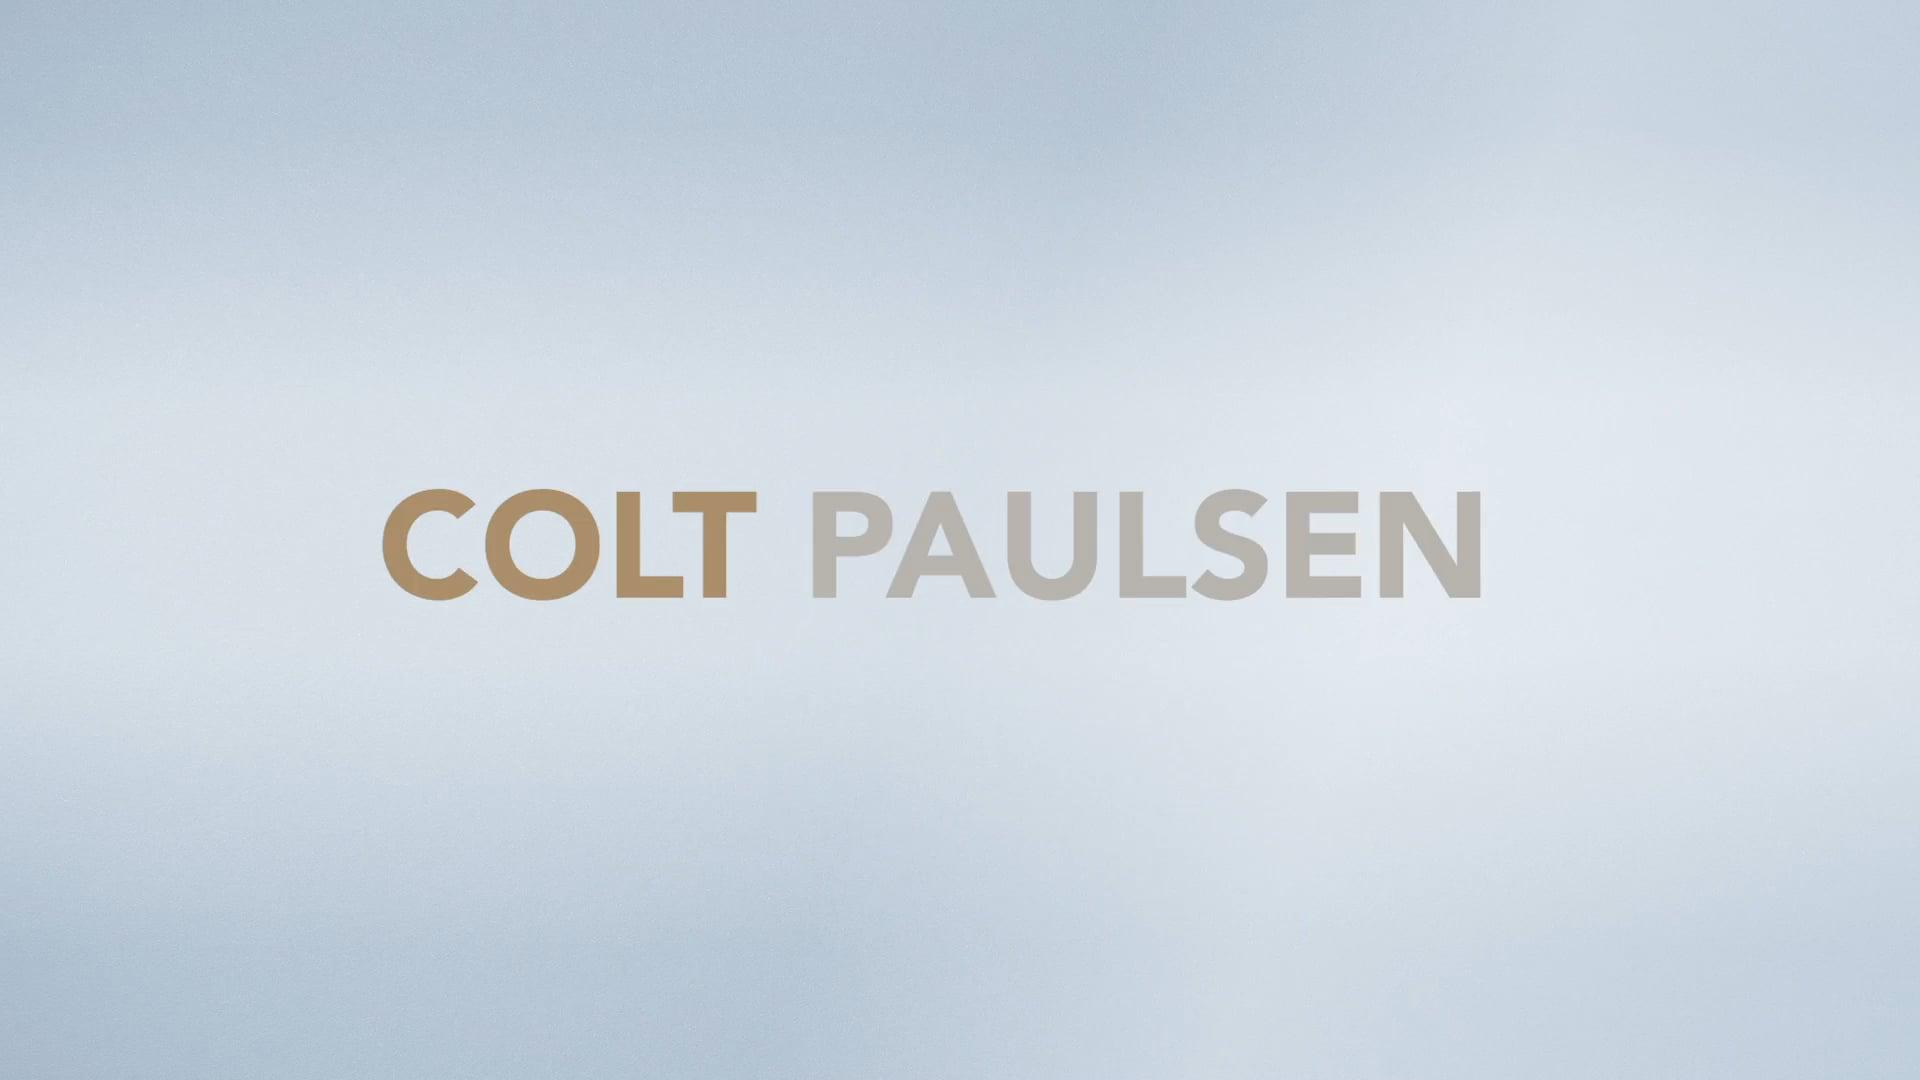 Colt Paulsen Vio